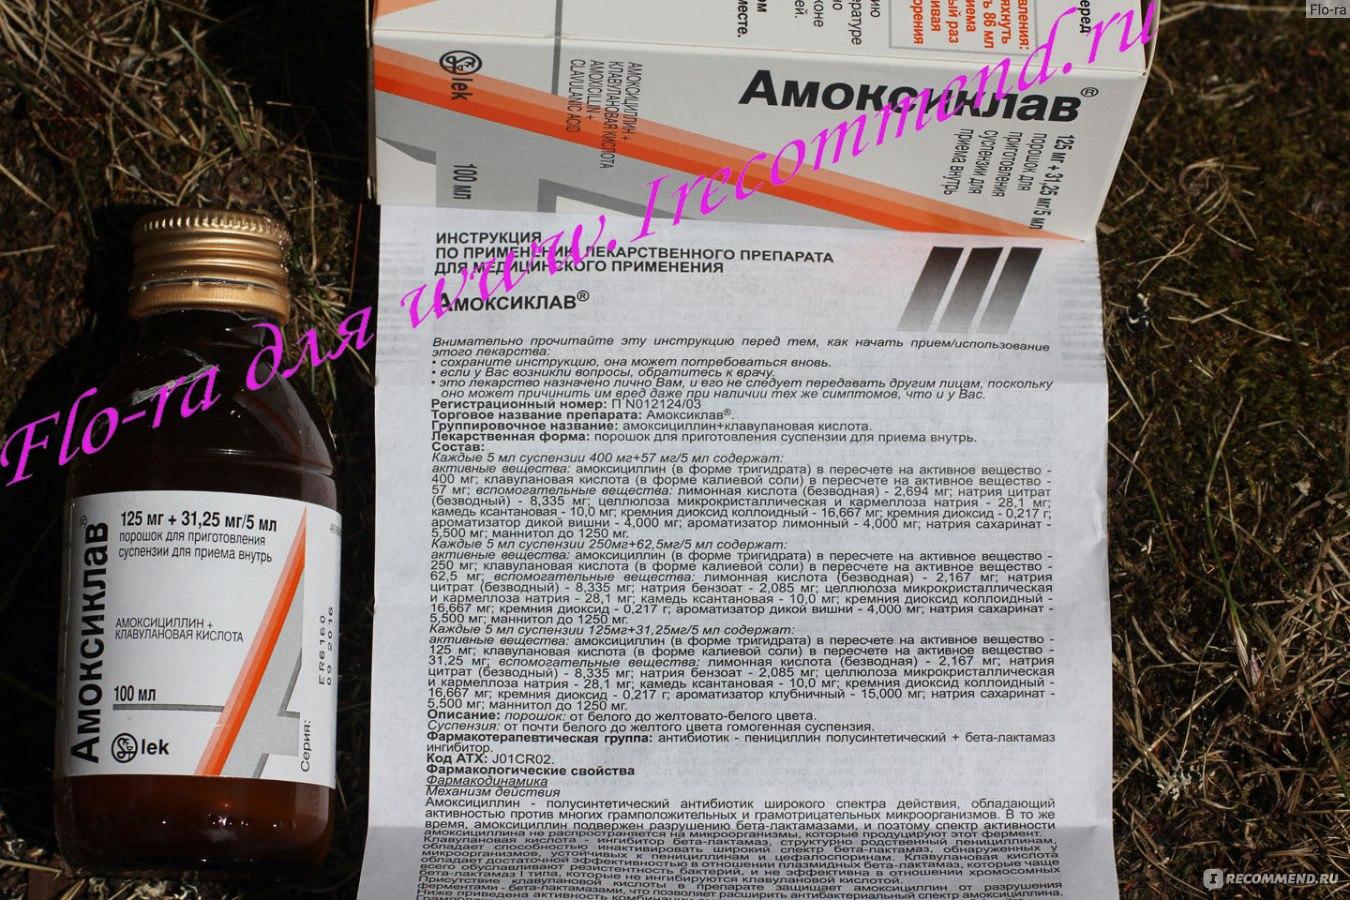 Формы выпуска амоксиклава: квиктаб, таблетки, порошок, суспензия, инъекции